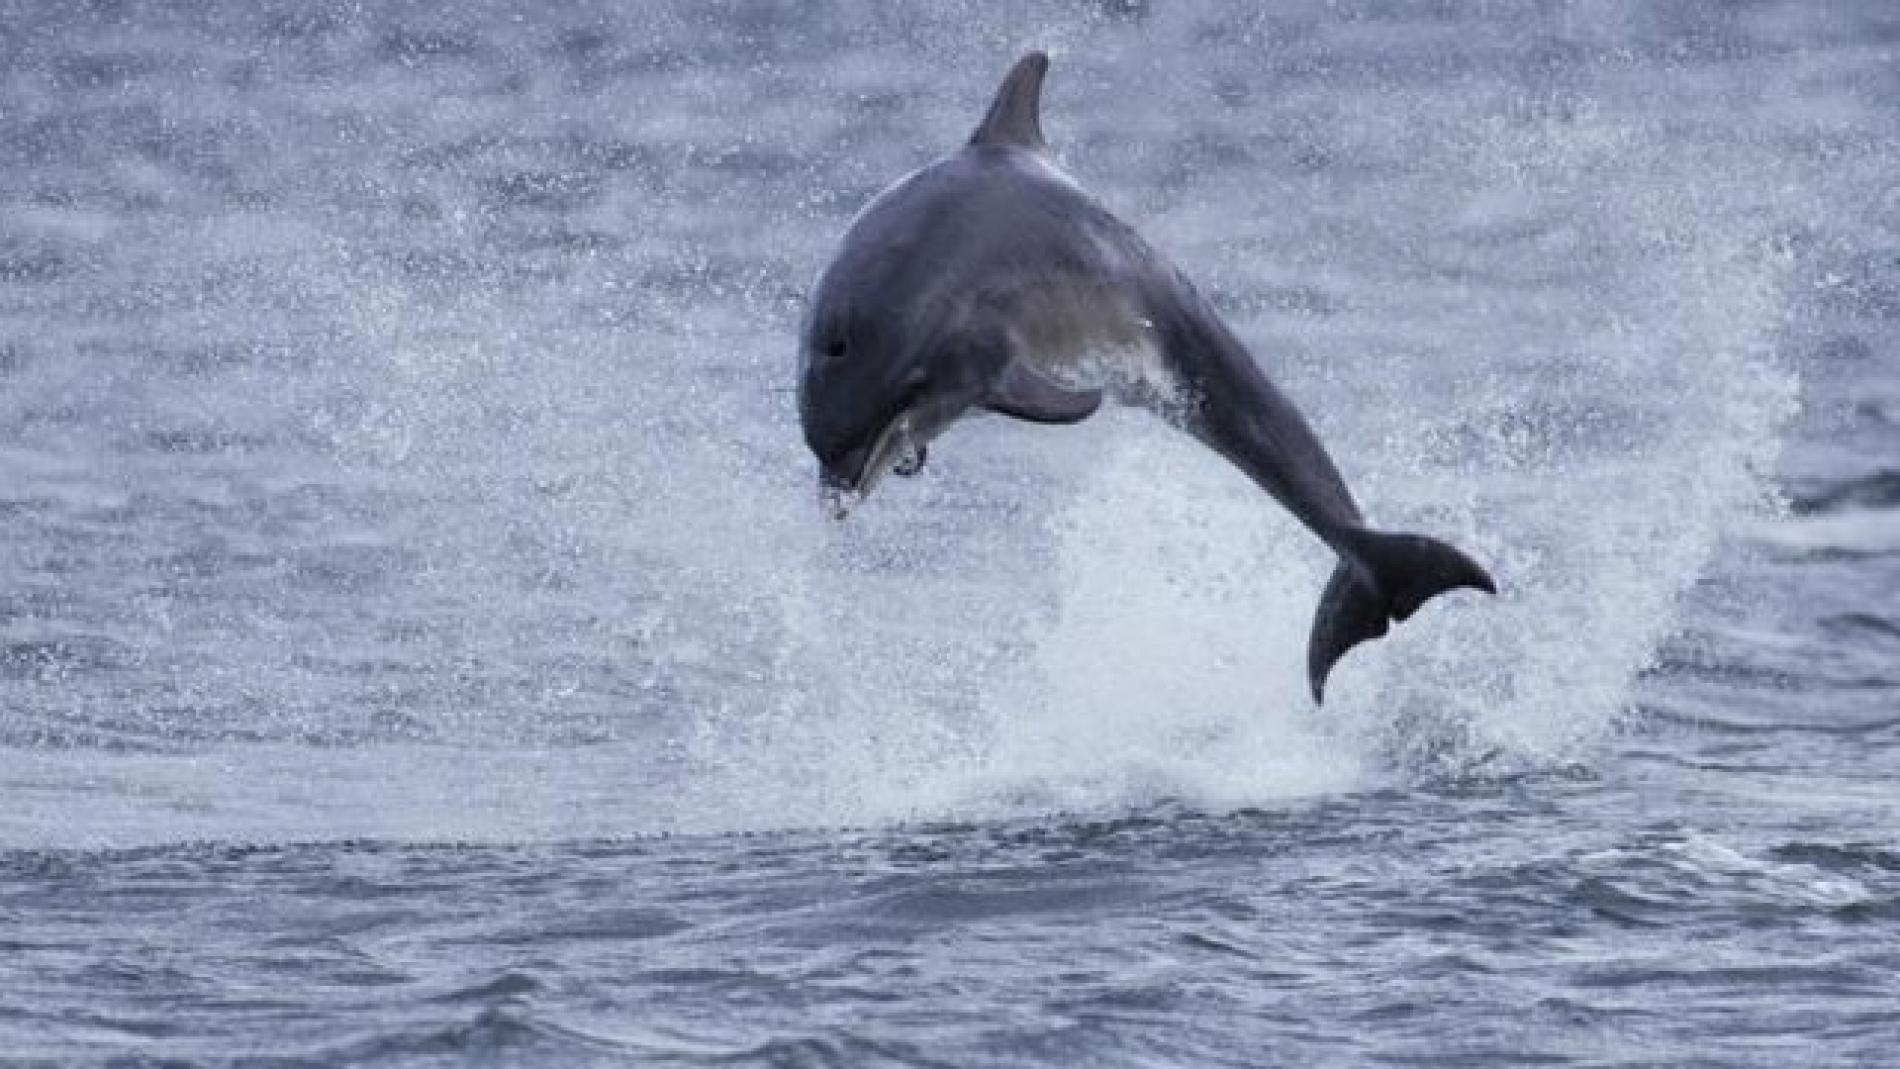 Rspb Dolphin Watch In Aberdeen